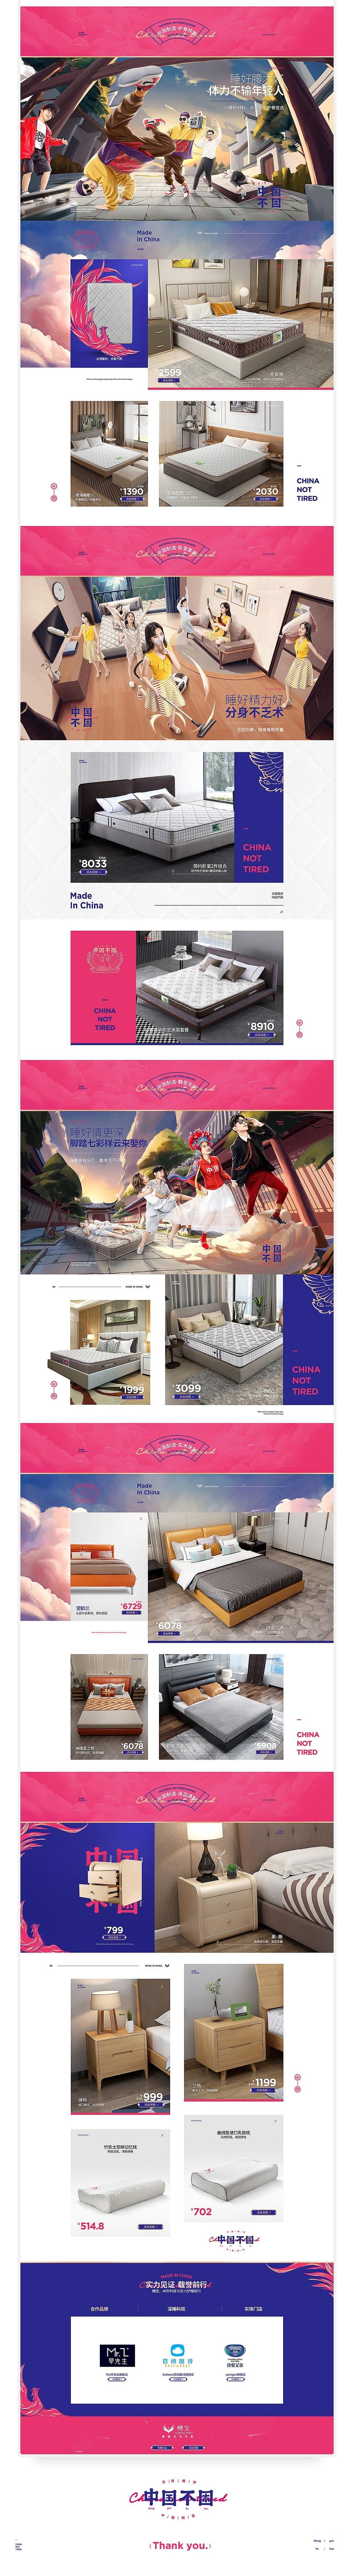 穗宝床垫品牌新视觉作品分享【汤臣杰逊】